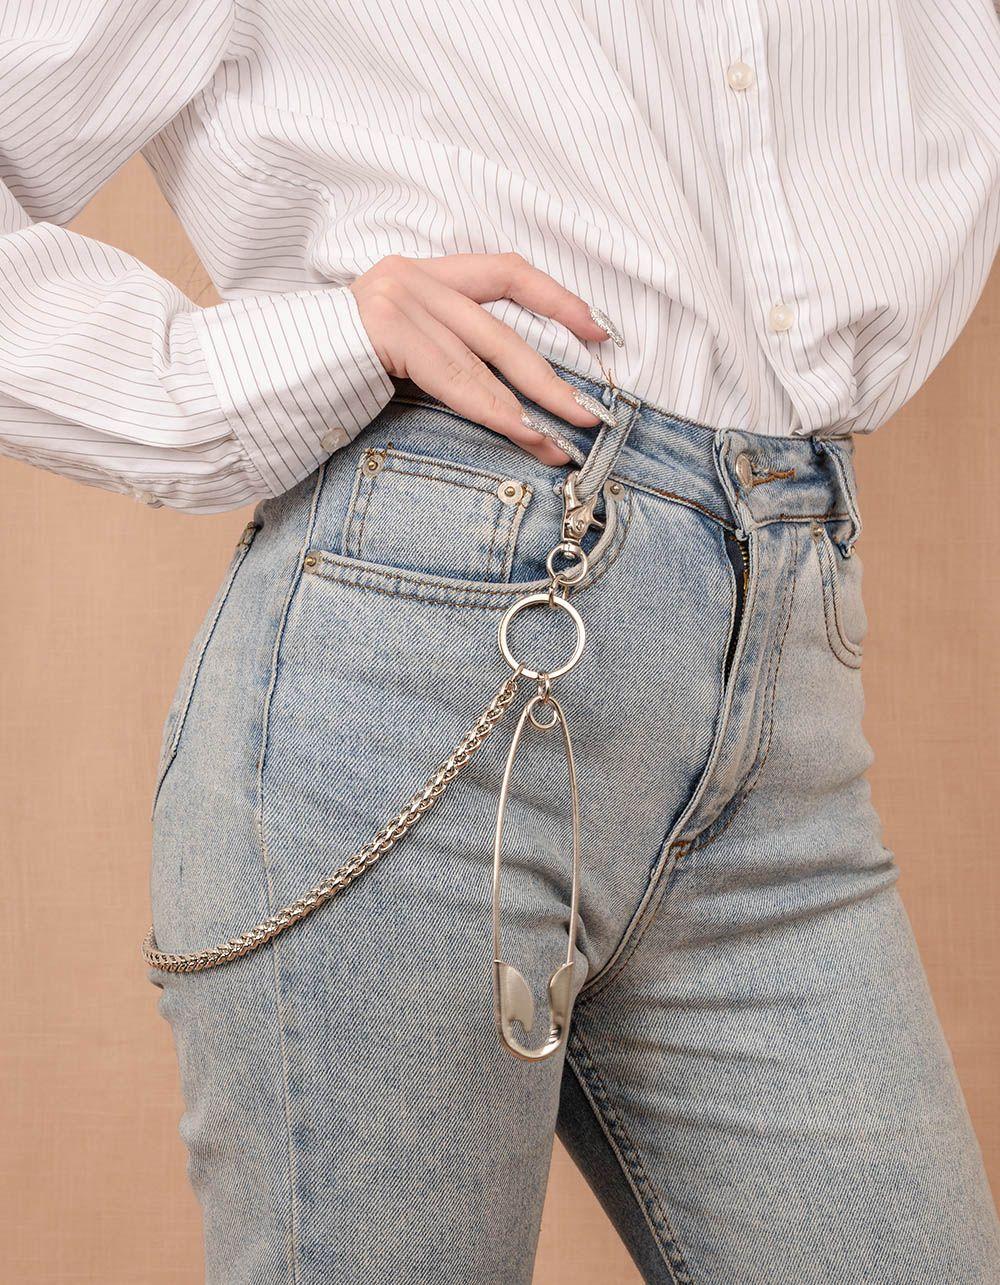 Ланцюжок на одяг з булавкою | 240113-05-XX